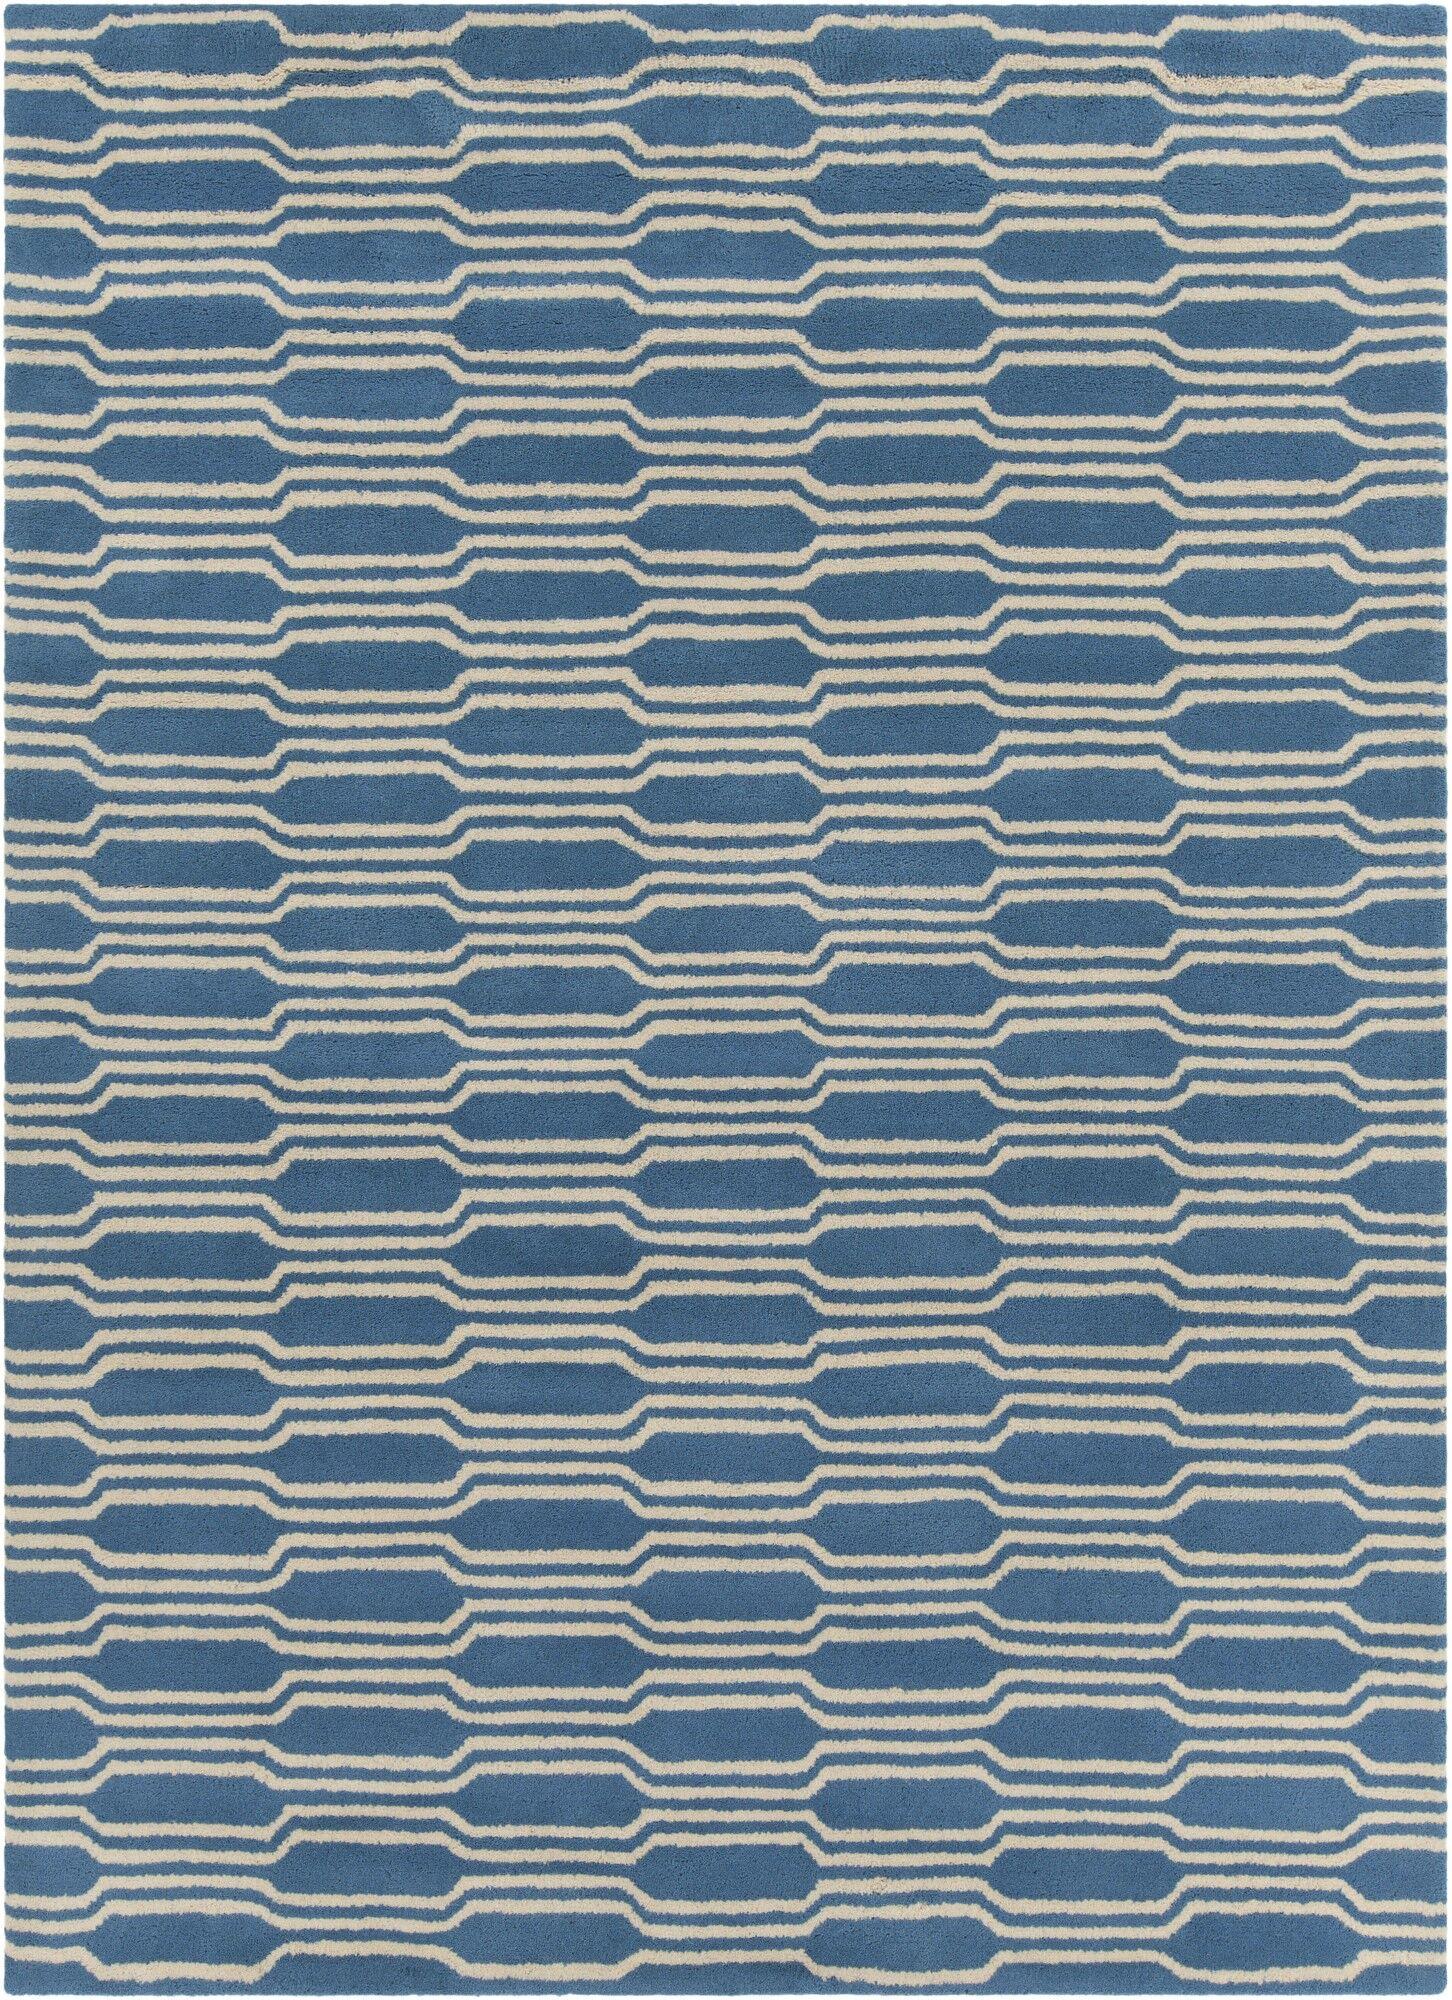 Electra Hand Tufted Rectangle Contemporary Aqua/Cream Area Rug Rug Size: 5' x 7'